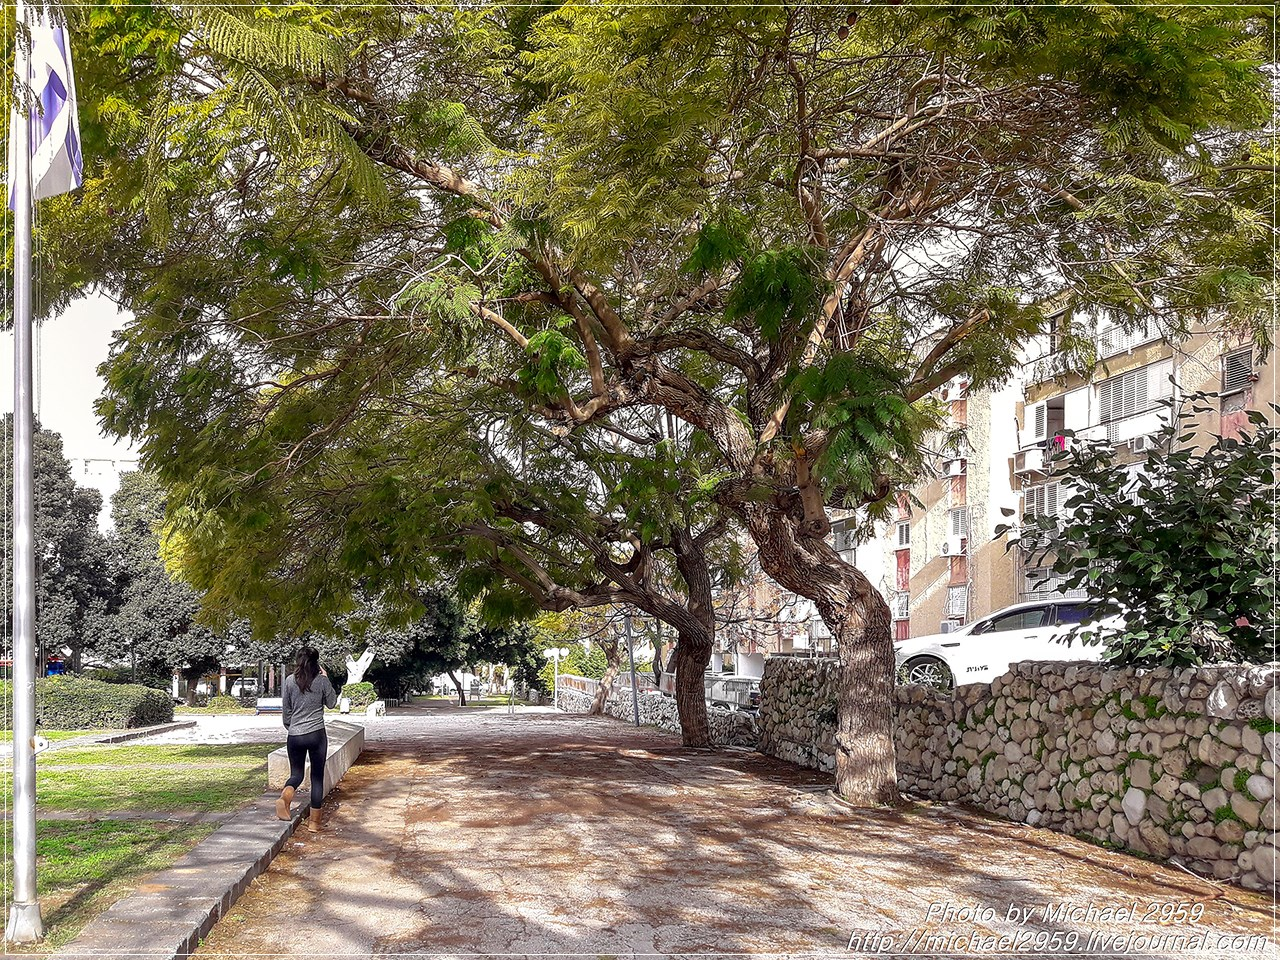 деревья израиля фото с названиями данной статьей, узнаете